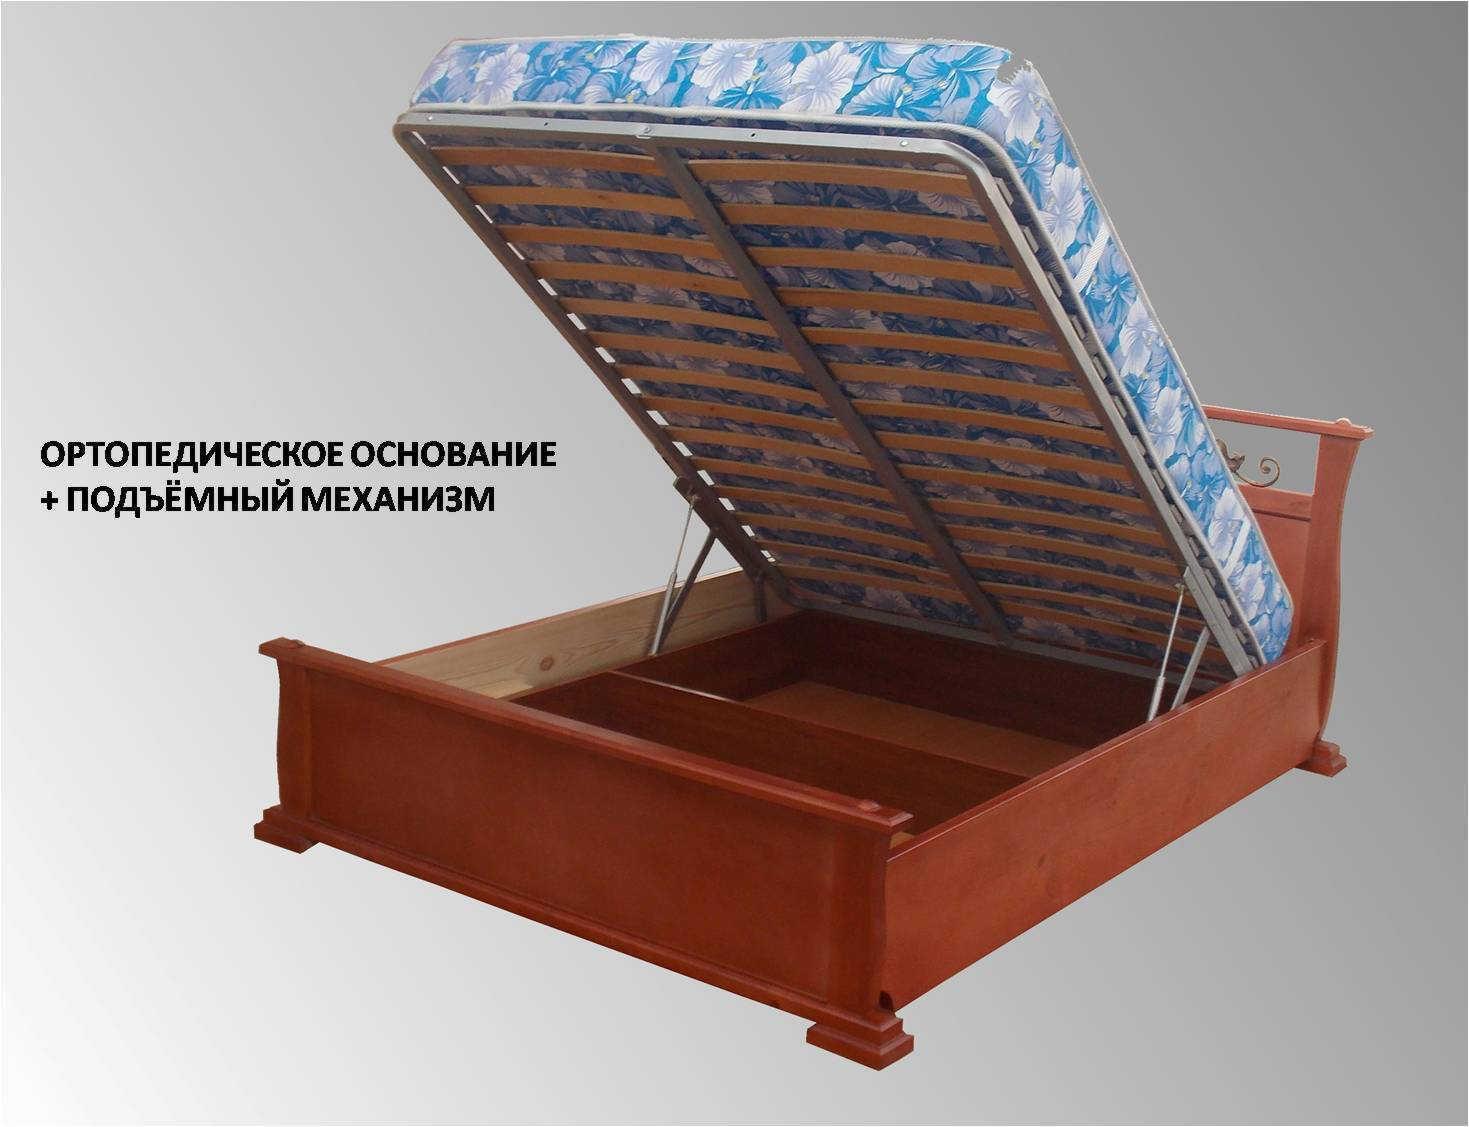 Кровать Бажена подъёмный механизм